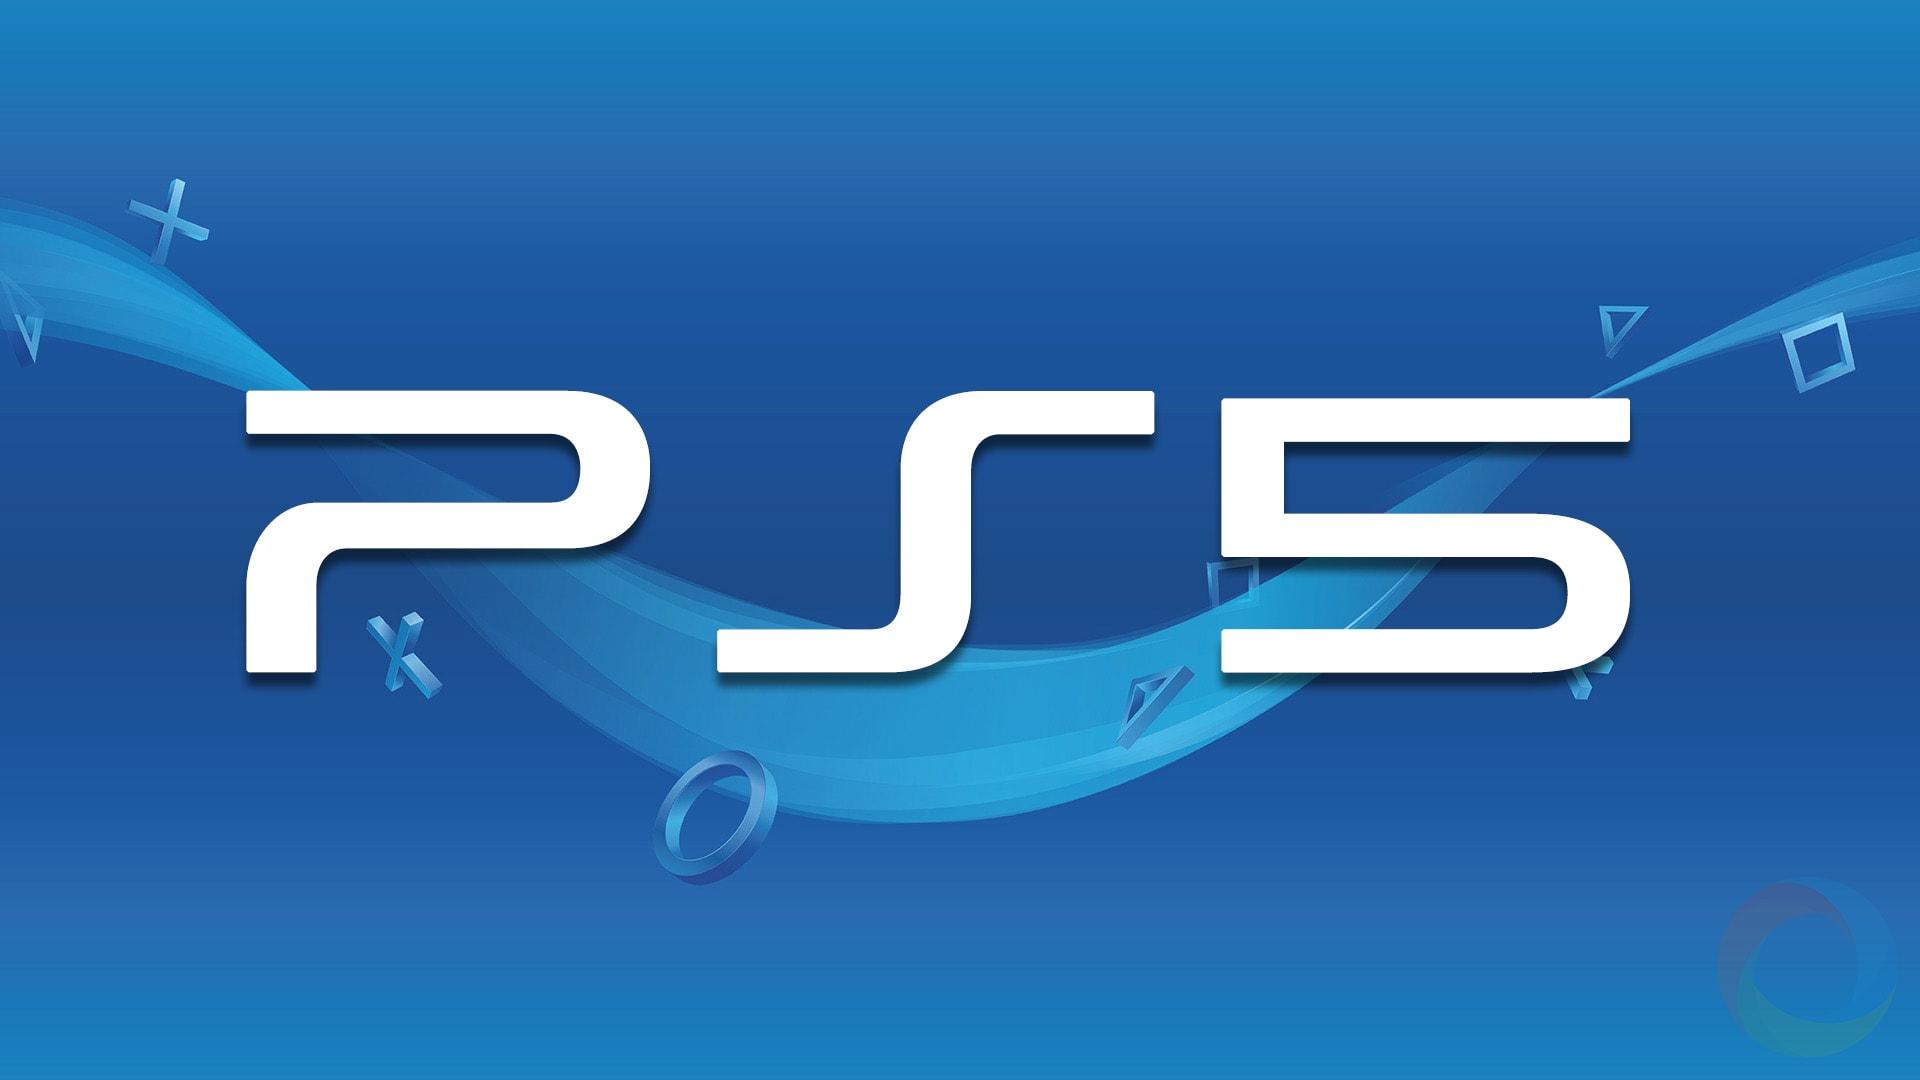 È ufficiale: si chiama PlayStation 5 (PS5), uscirà a Natale 2020 e ...